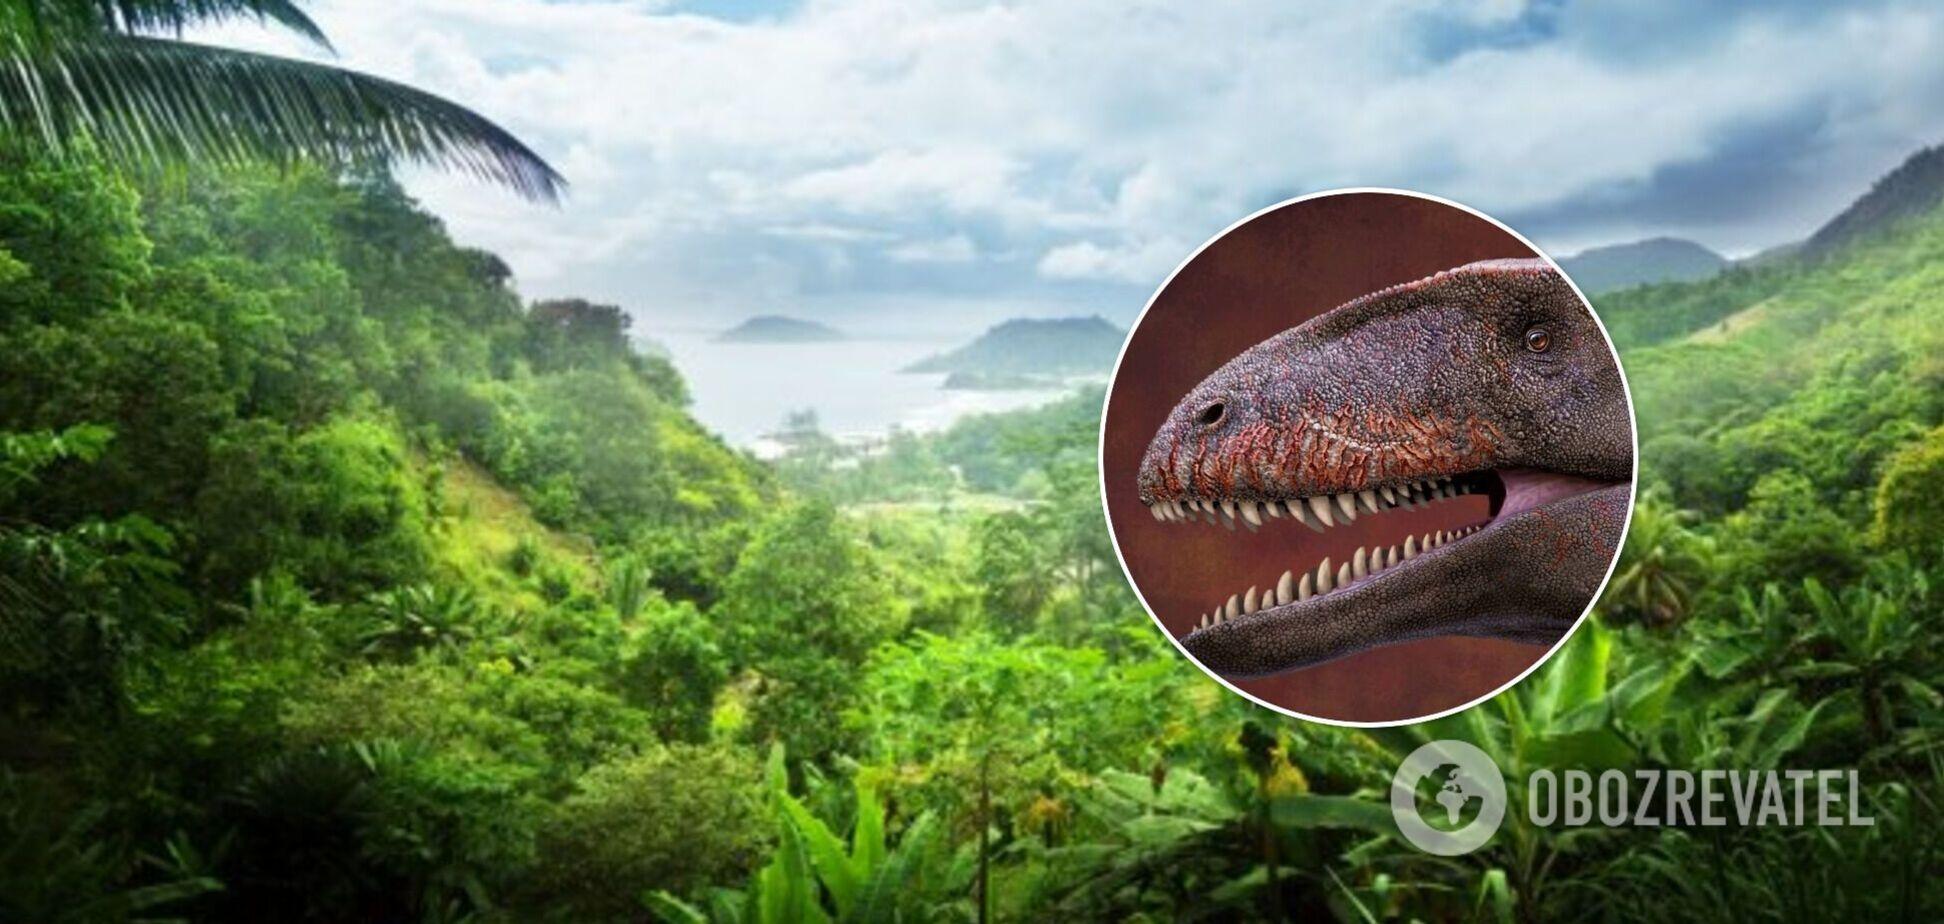 Ученые обнаружили останки неизвестного ранее гигантского динозавра, который жил 90 млн лет назад. Фото